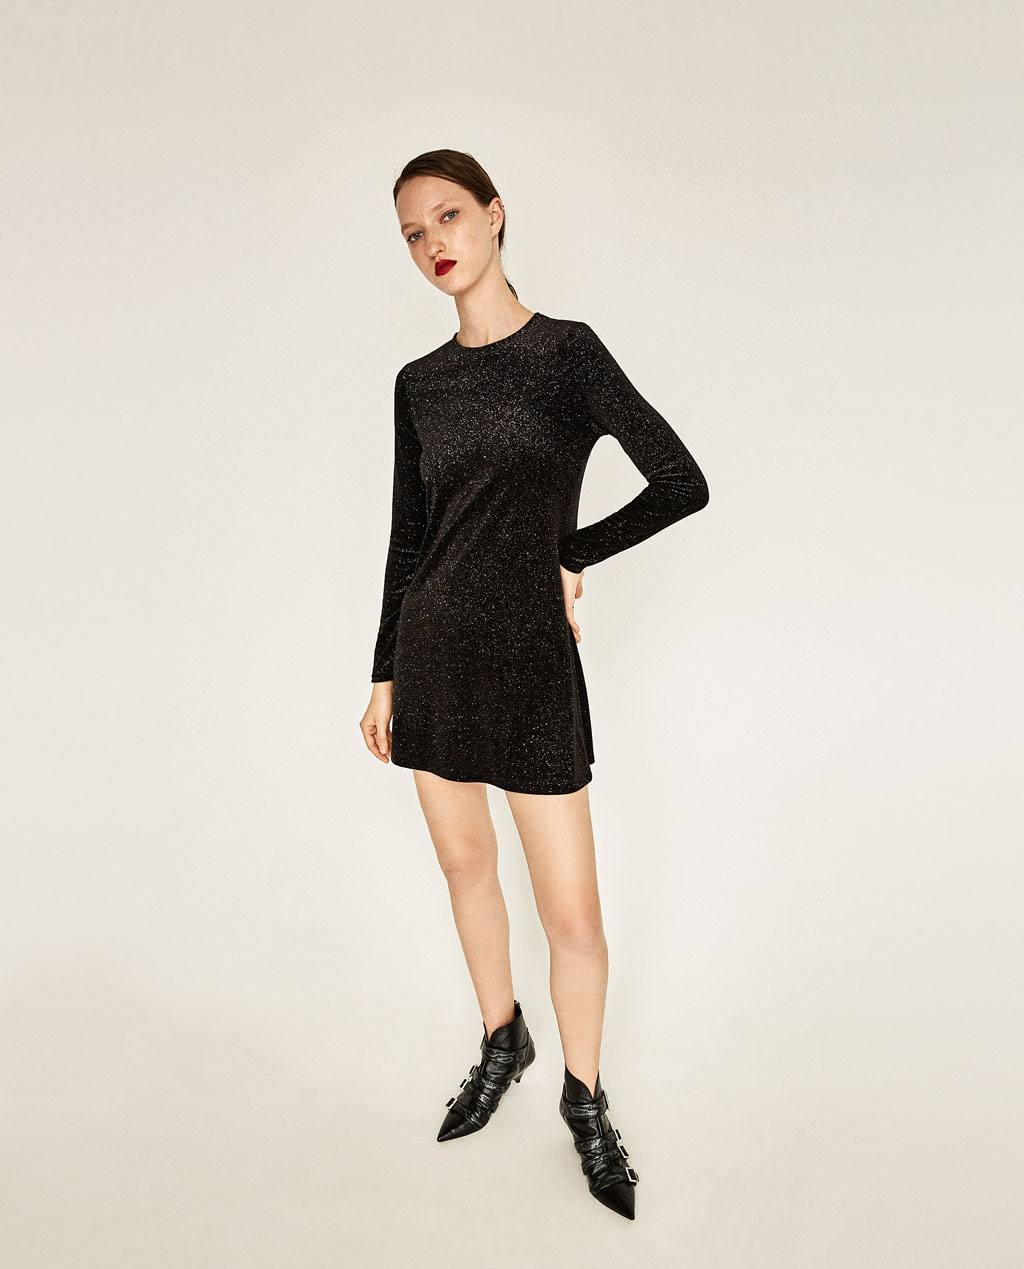 be095a358e0a Vestito a maniche lunghe in velluto con brillantini Zara Capodanno 2017  prezzo 29 95 euro ...